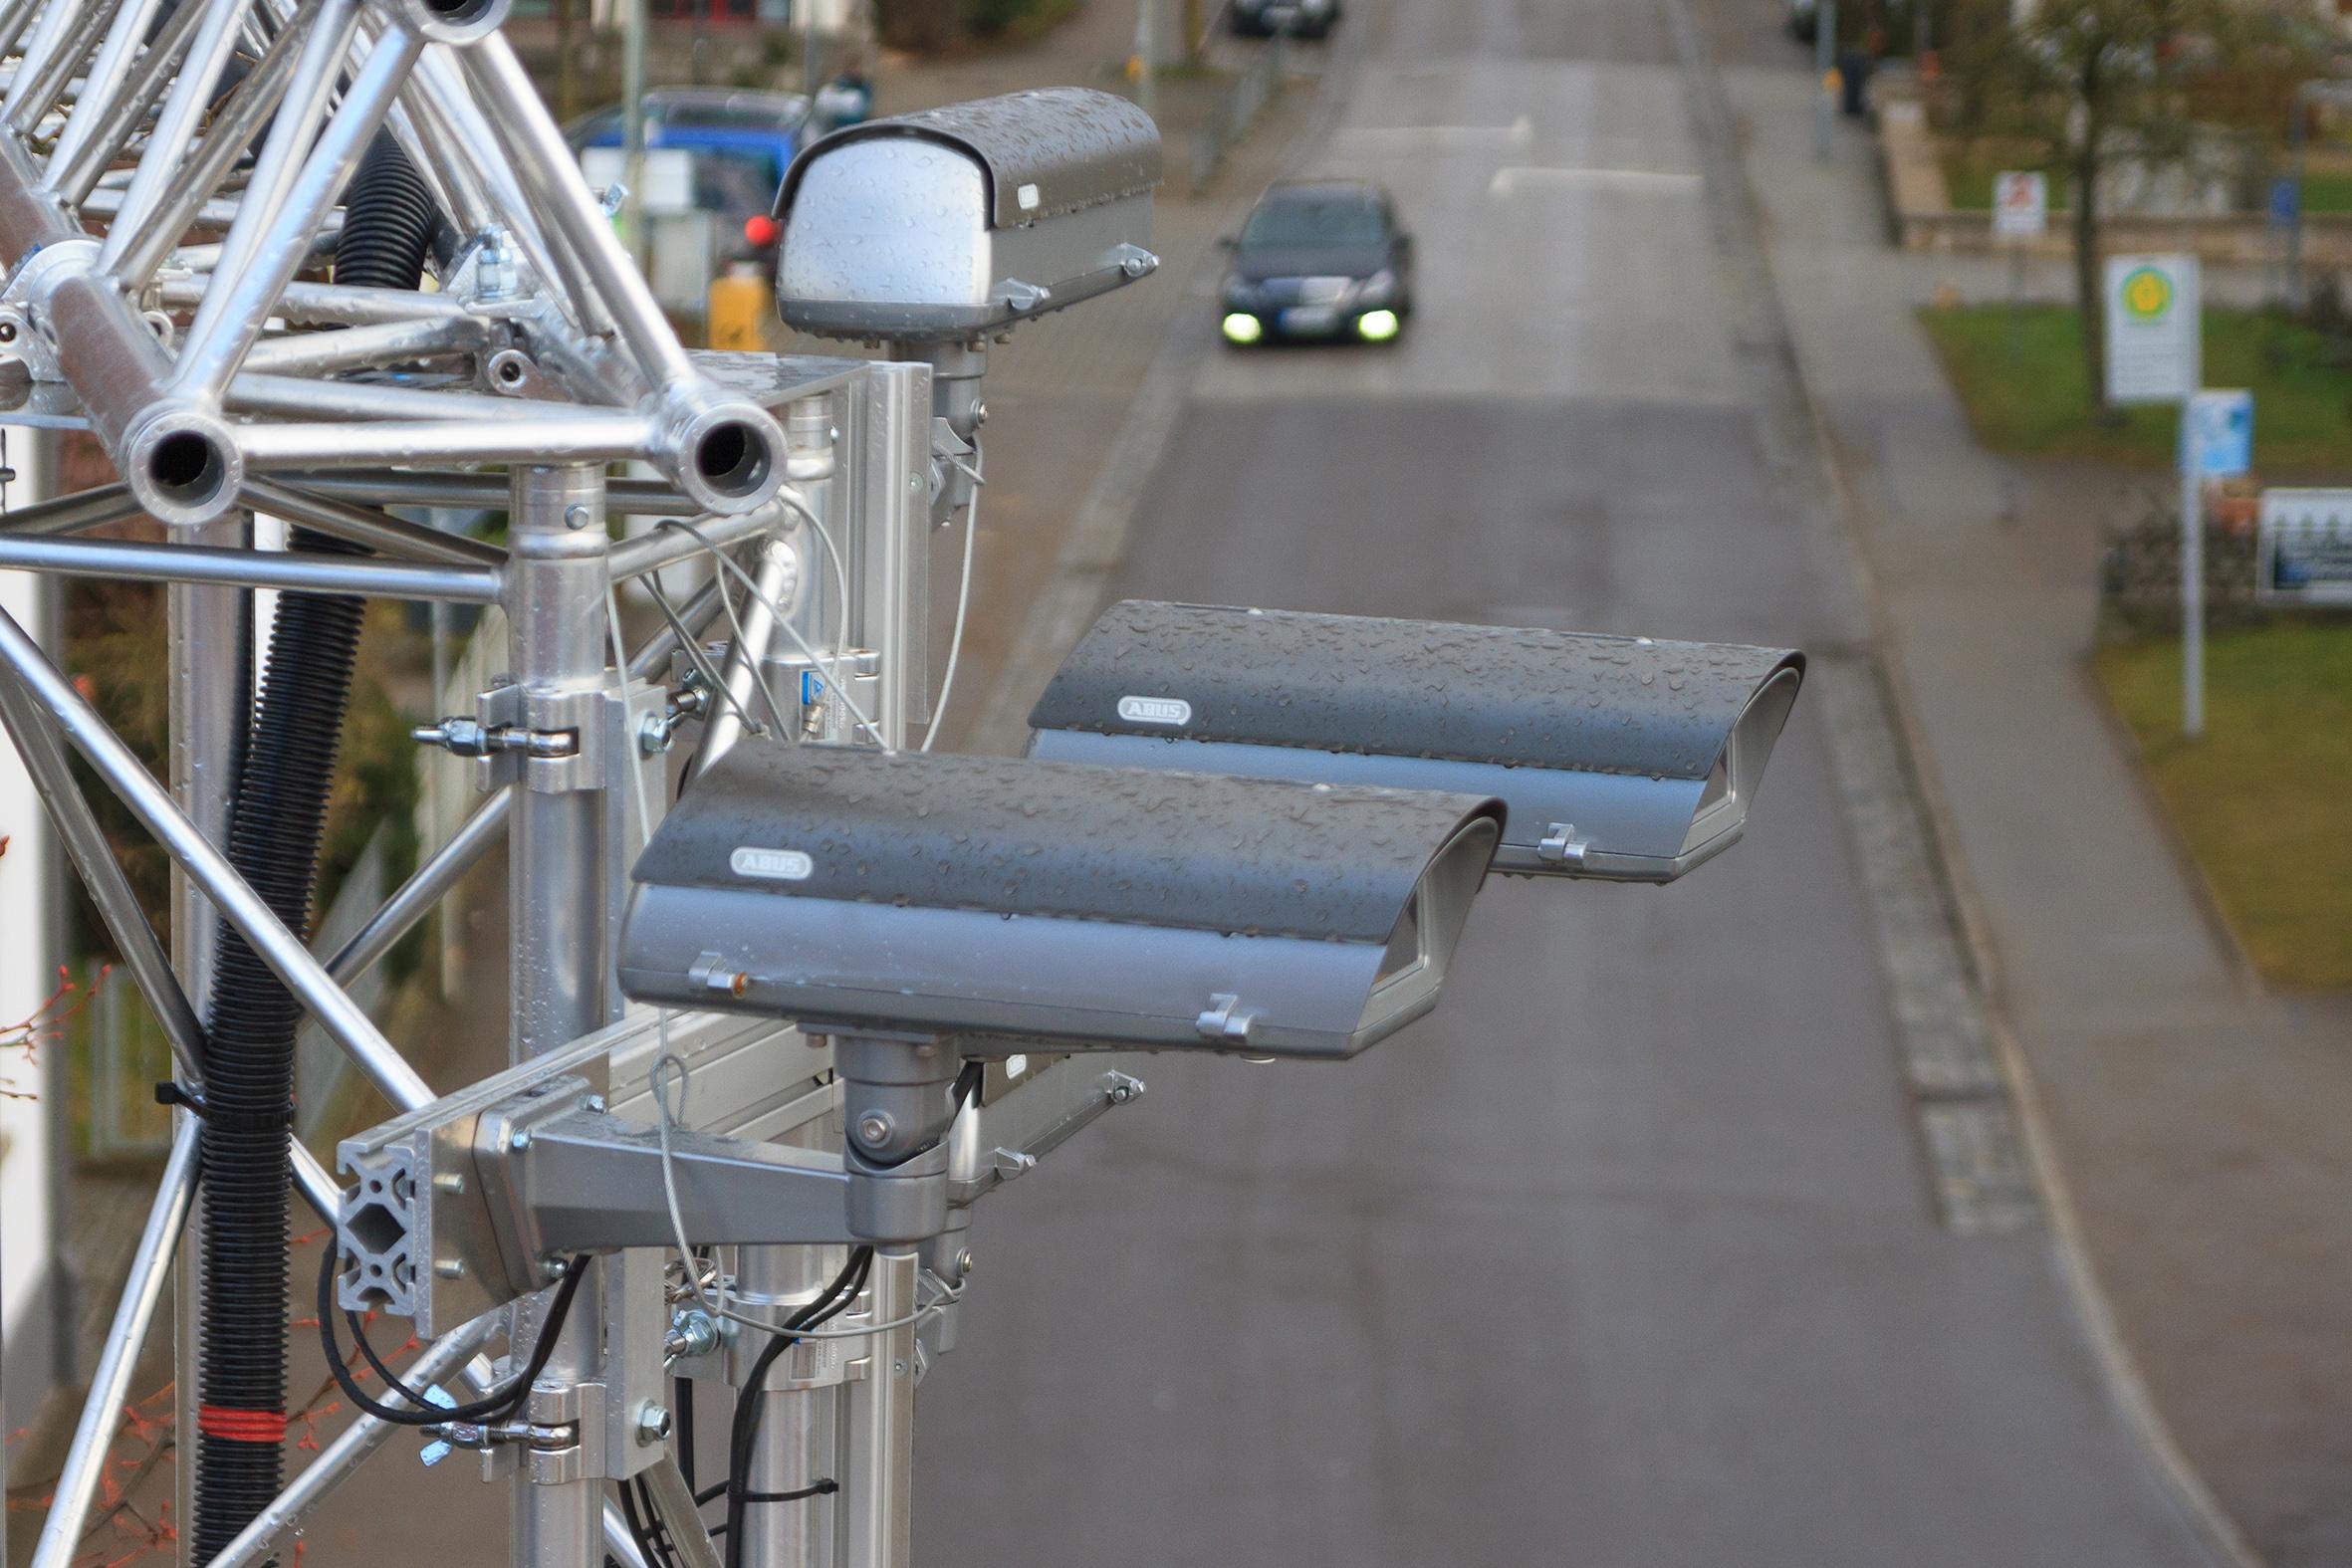 Nova tecnologia está sendo testada em condições reais de condução na Universidade de Ulm